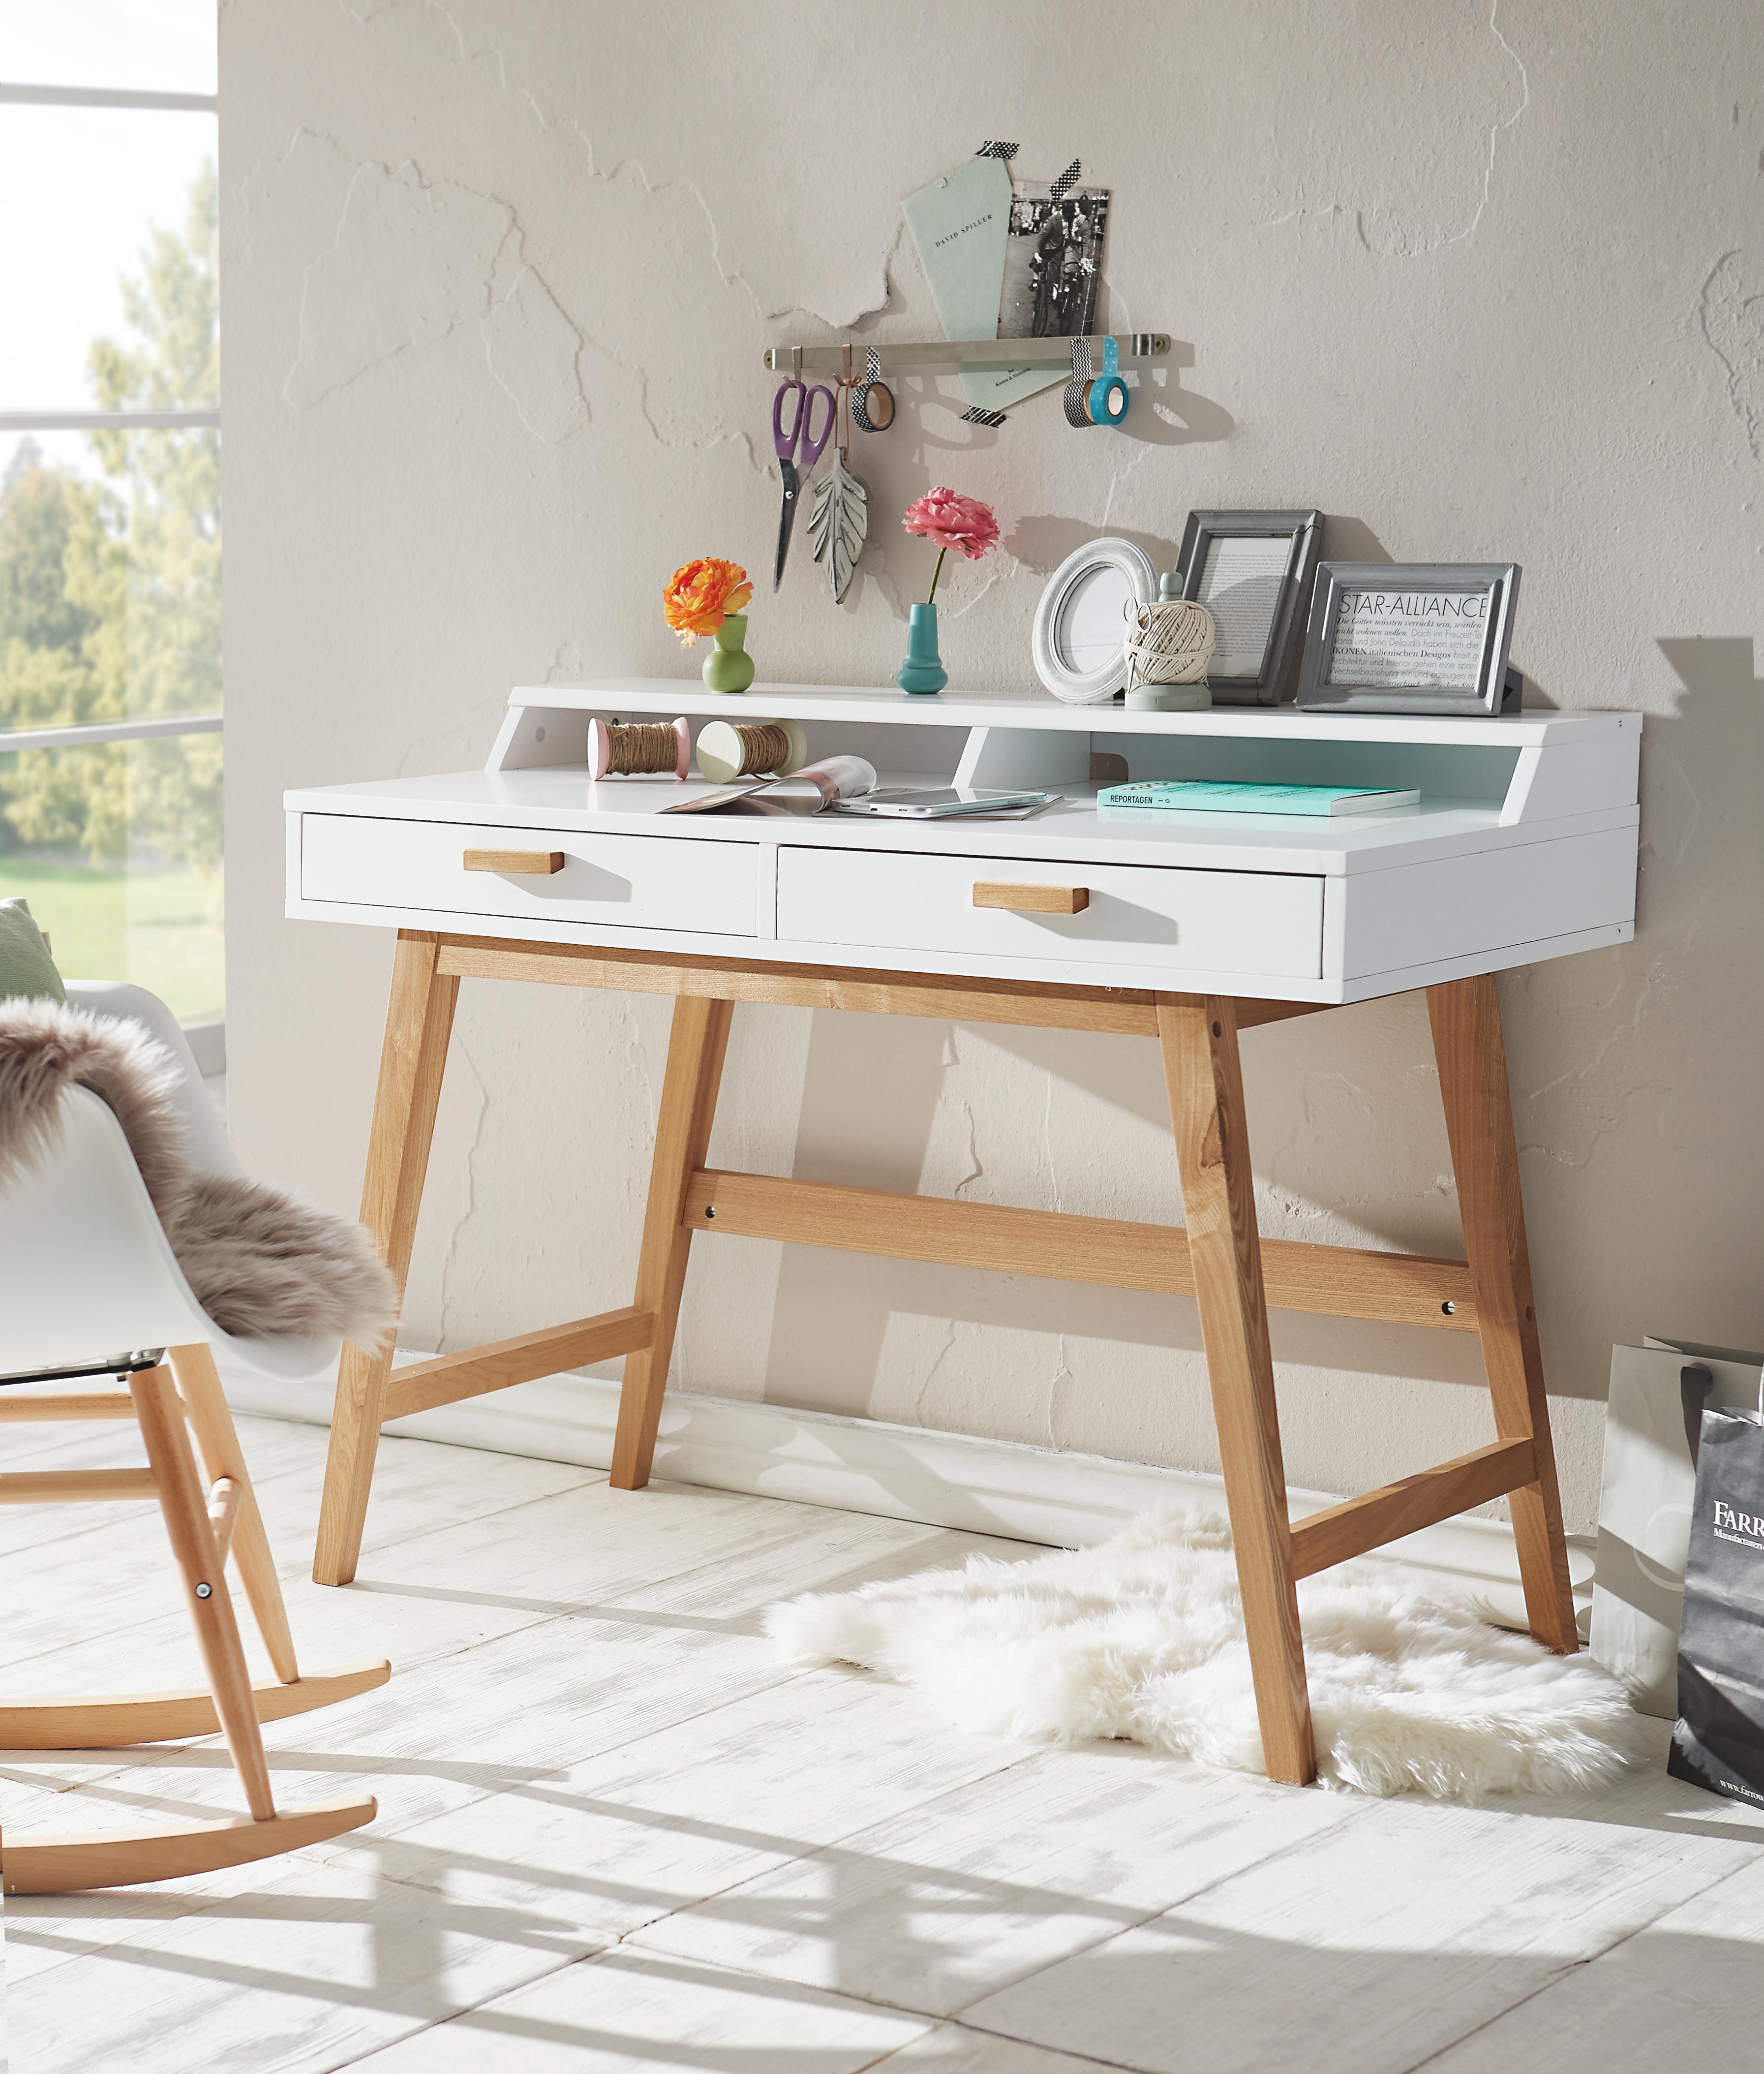 m bel de garderobe haloring. Black Bedroom Furniture Sets. Home Design Ideas